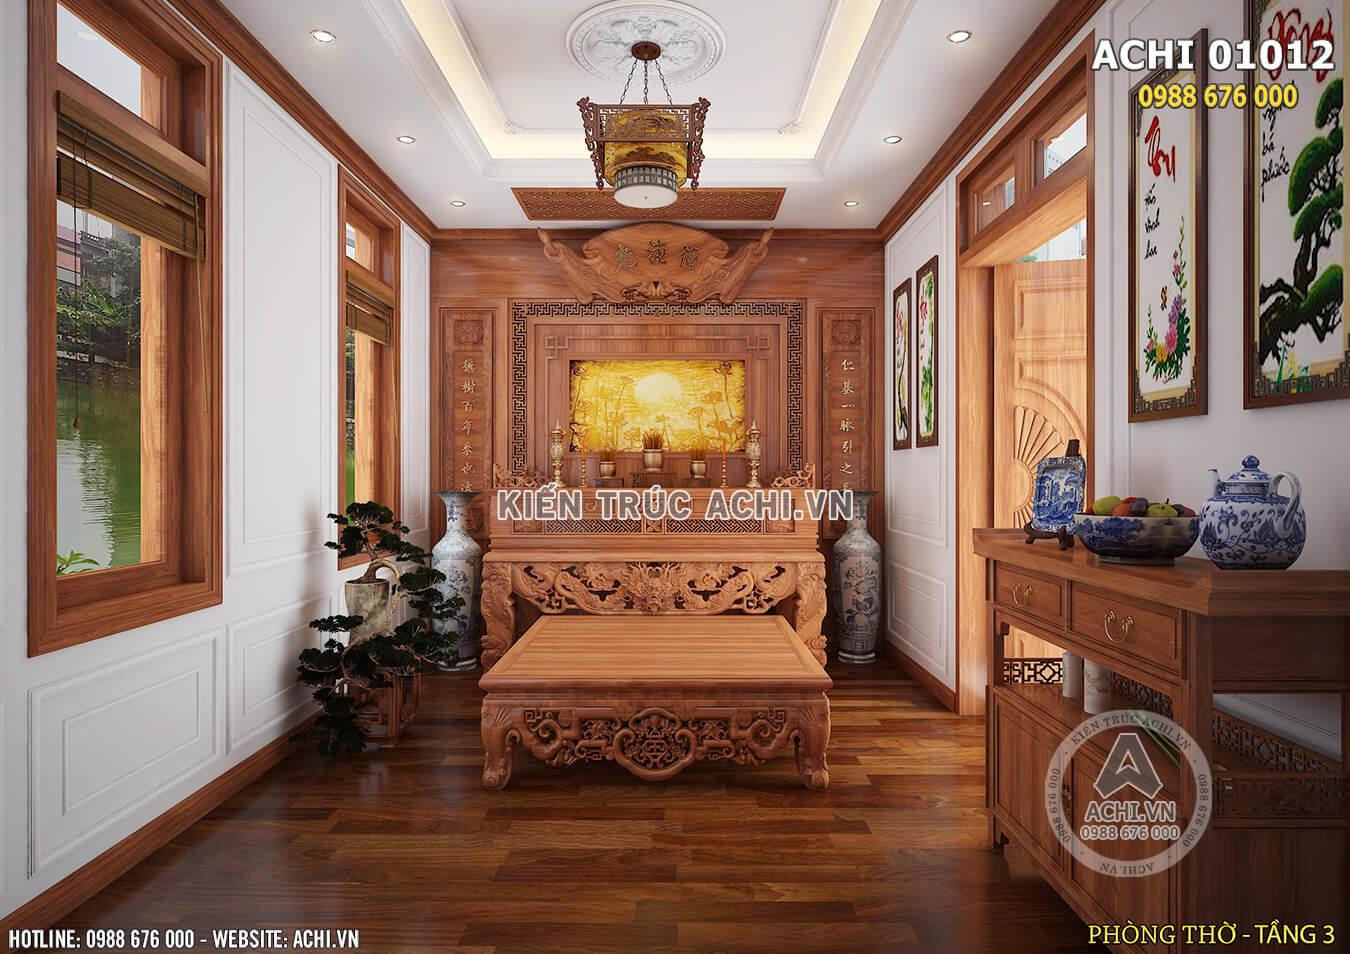 Không gian nội thất phòng thờ với chất liệu gỗ tự nhiên